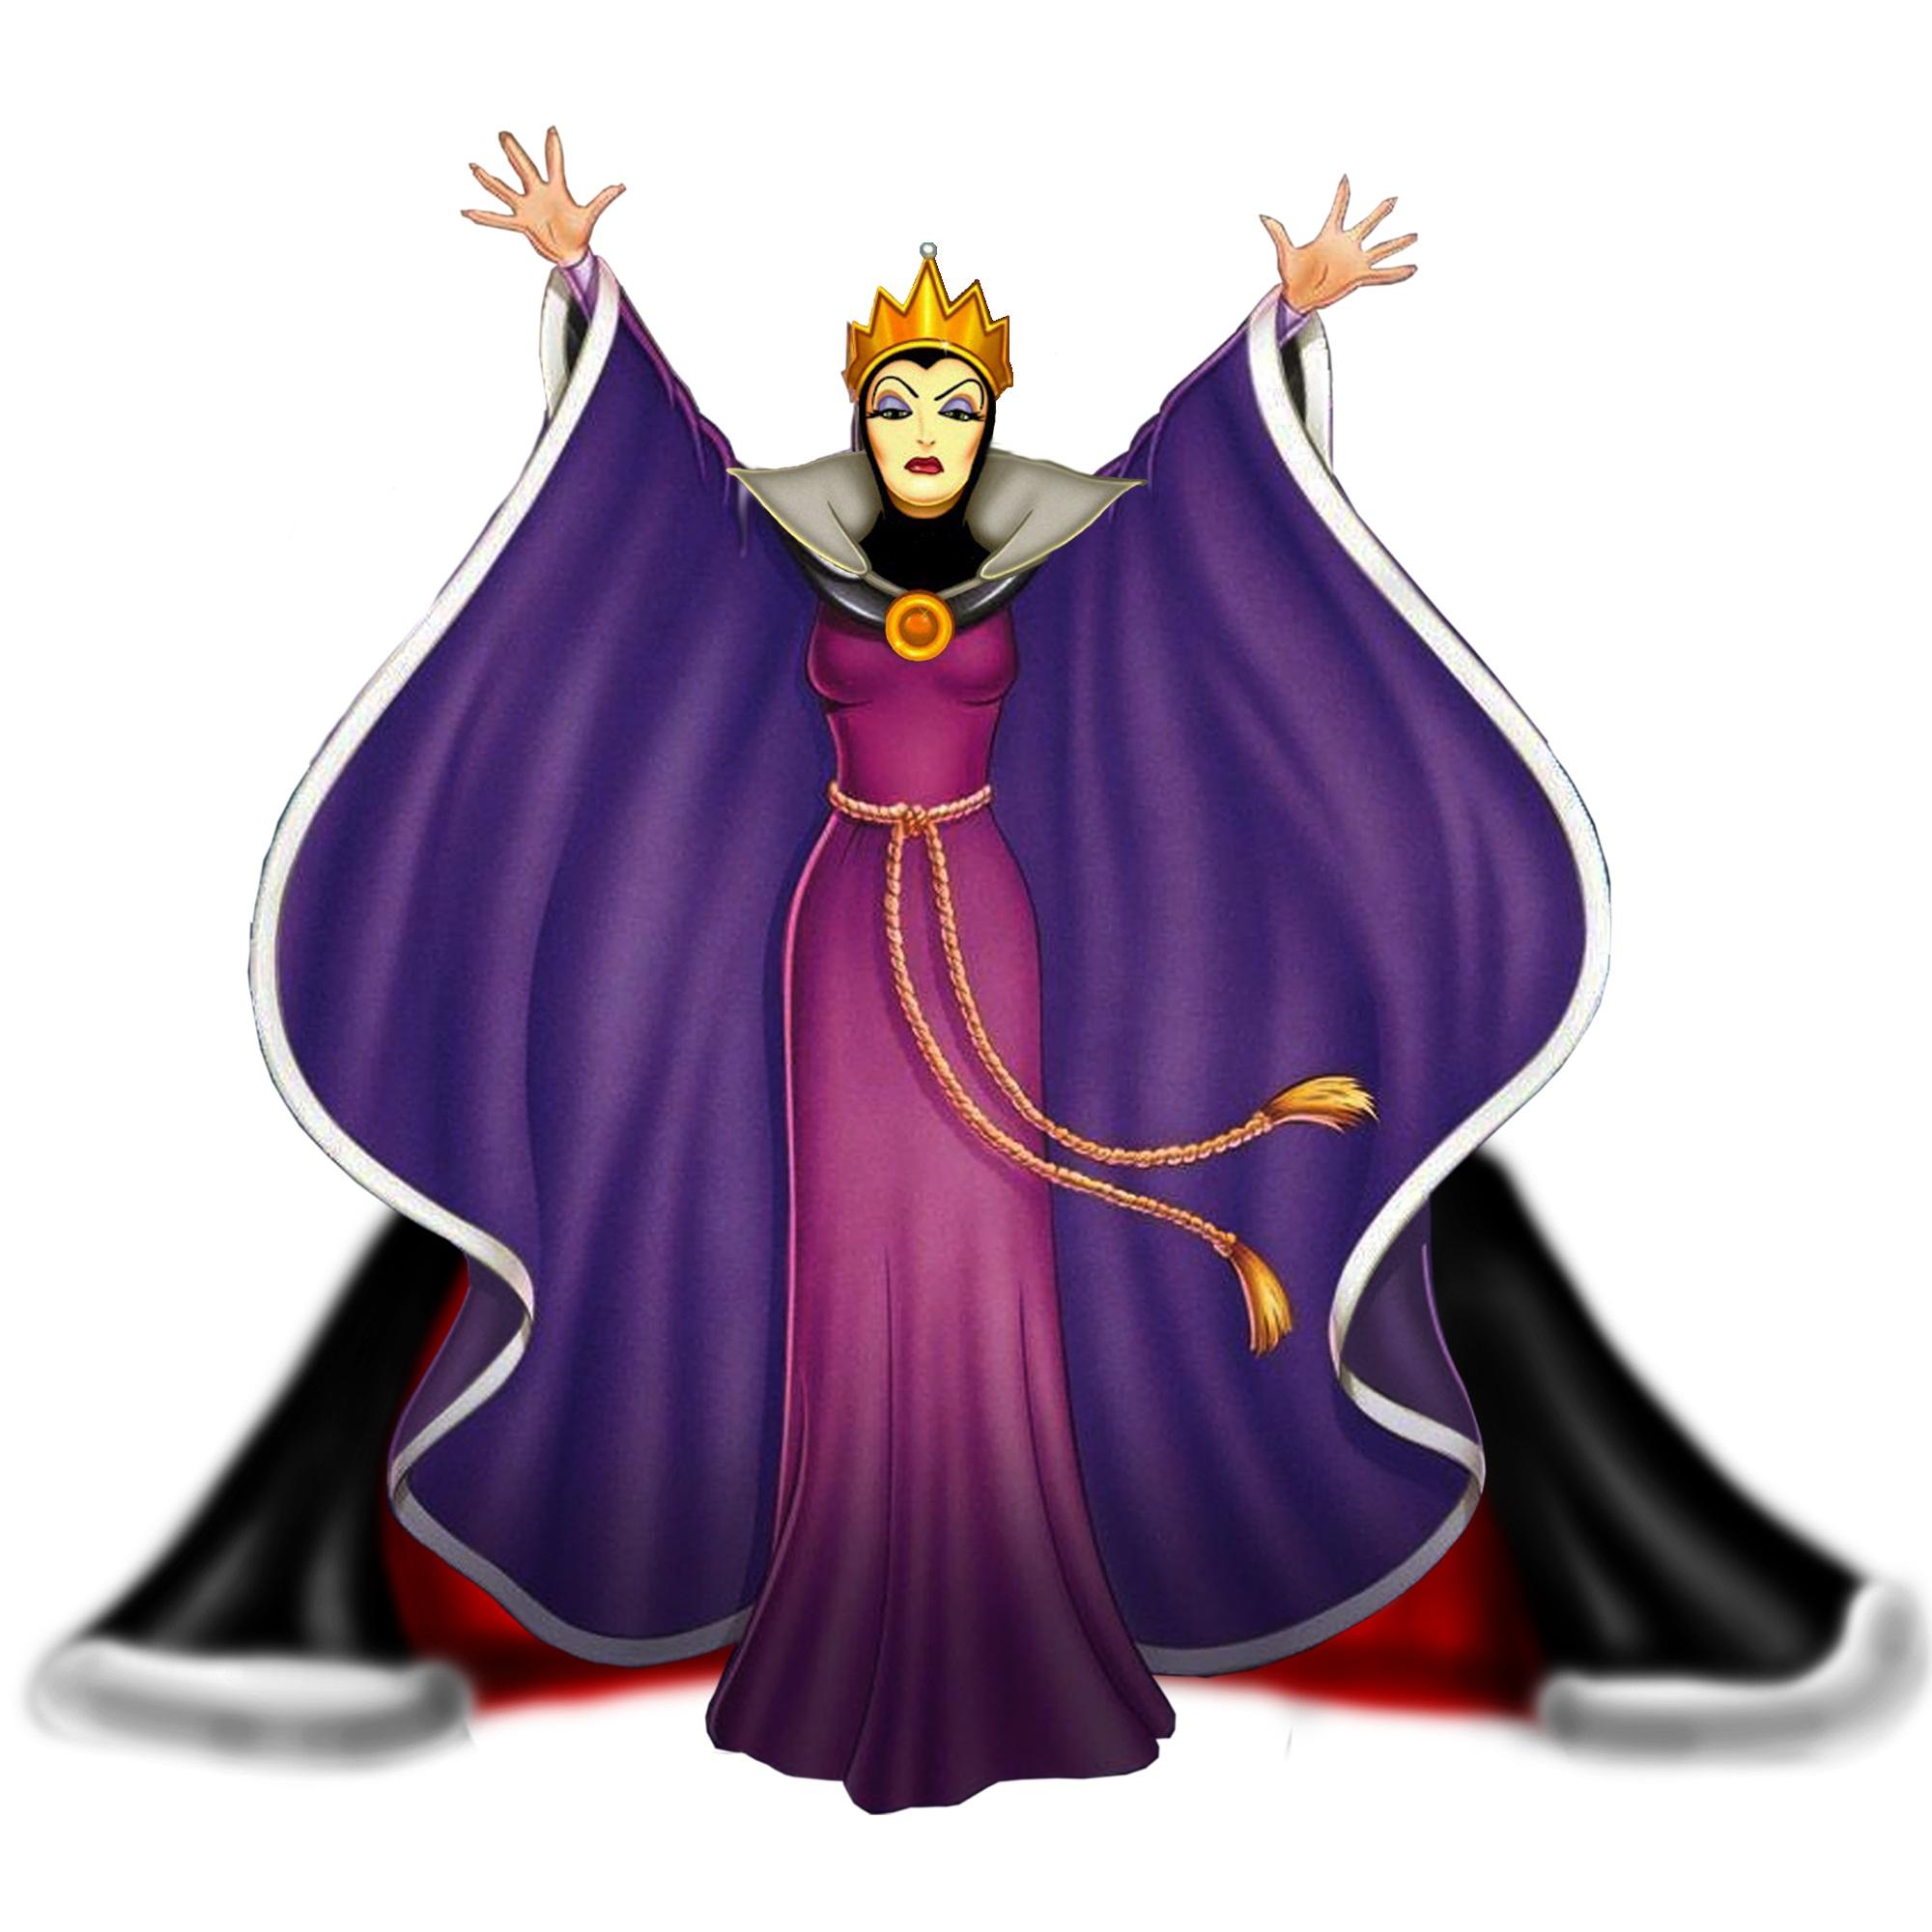 2000x2000 Queen Grimhilde Villains Wiki Fandom Powered By Wikia